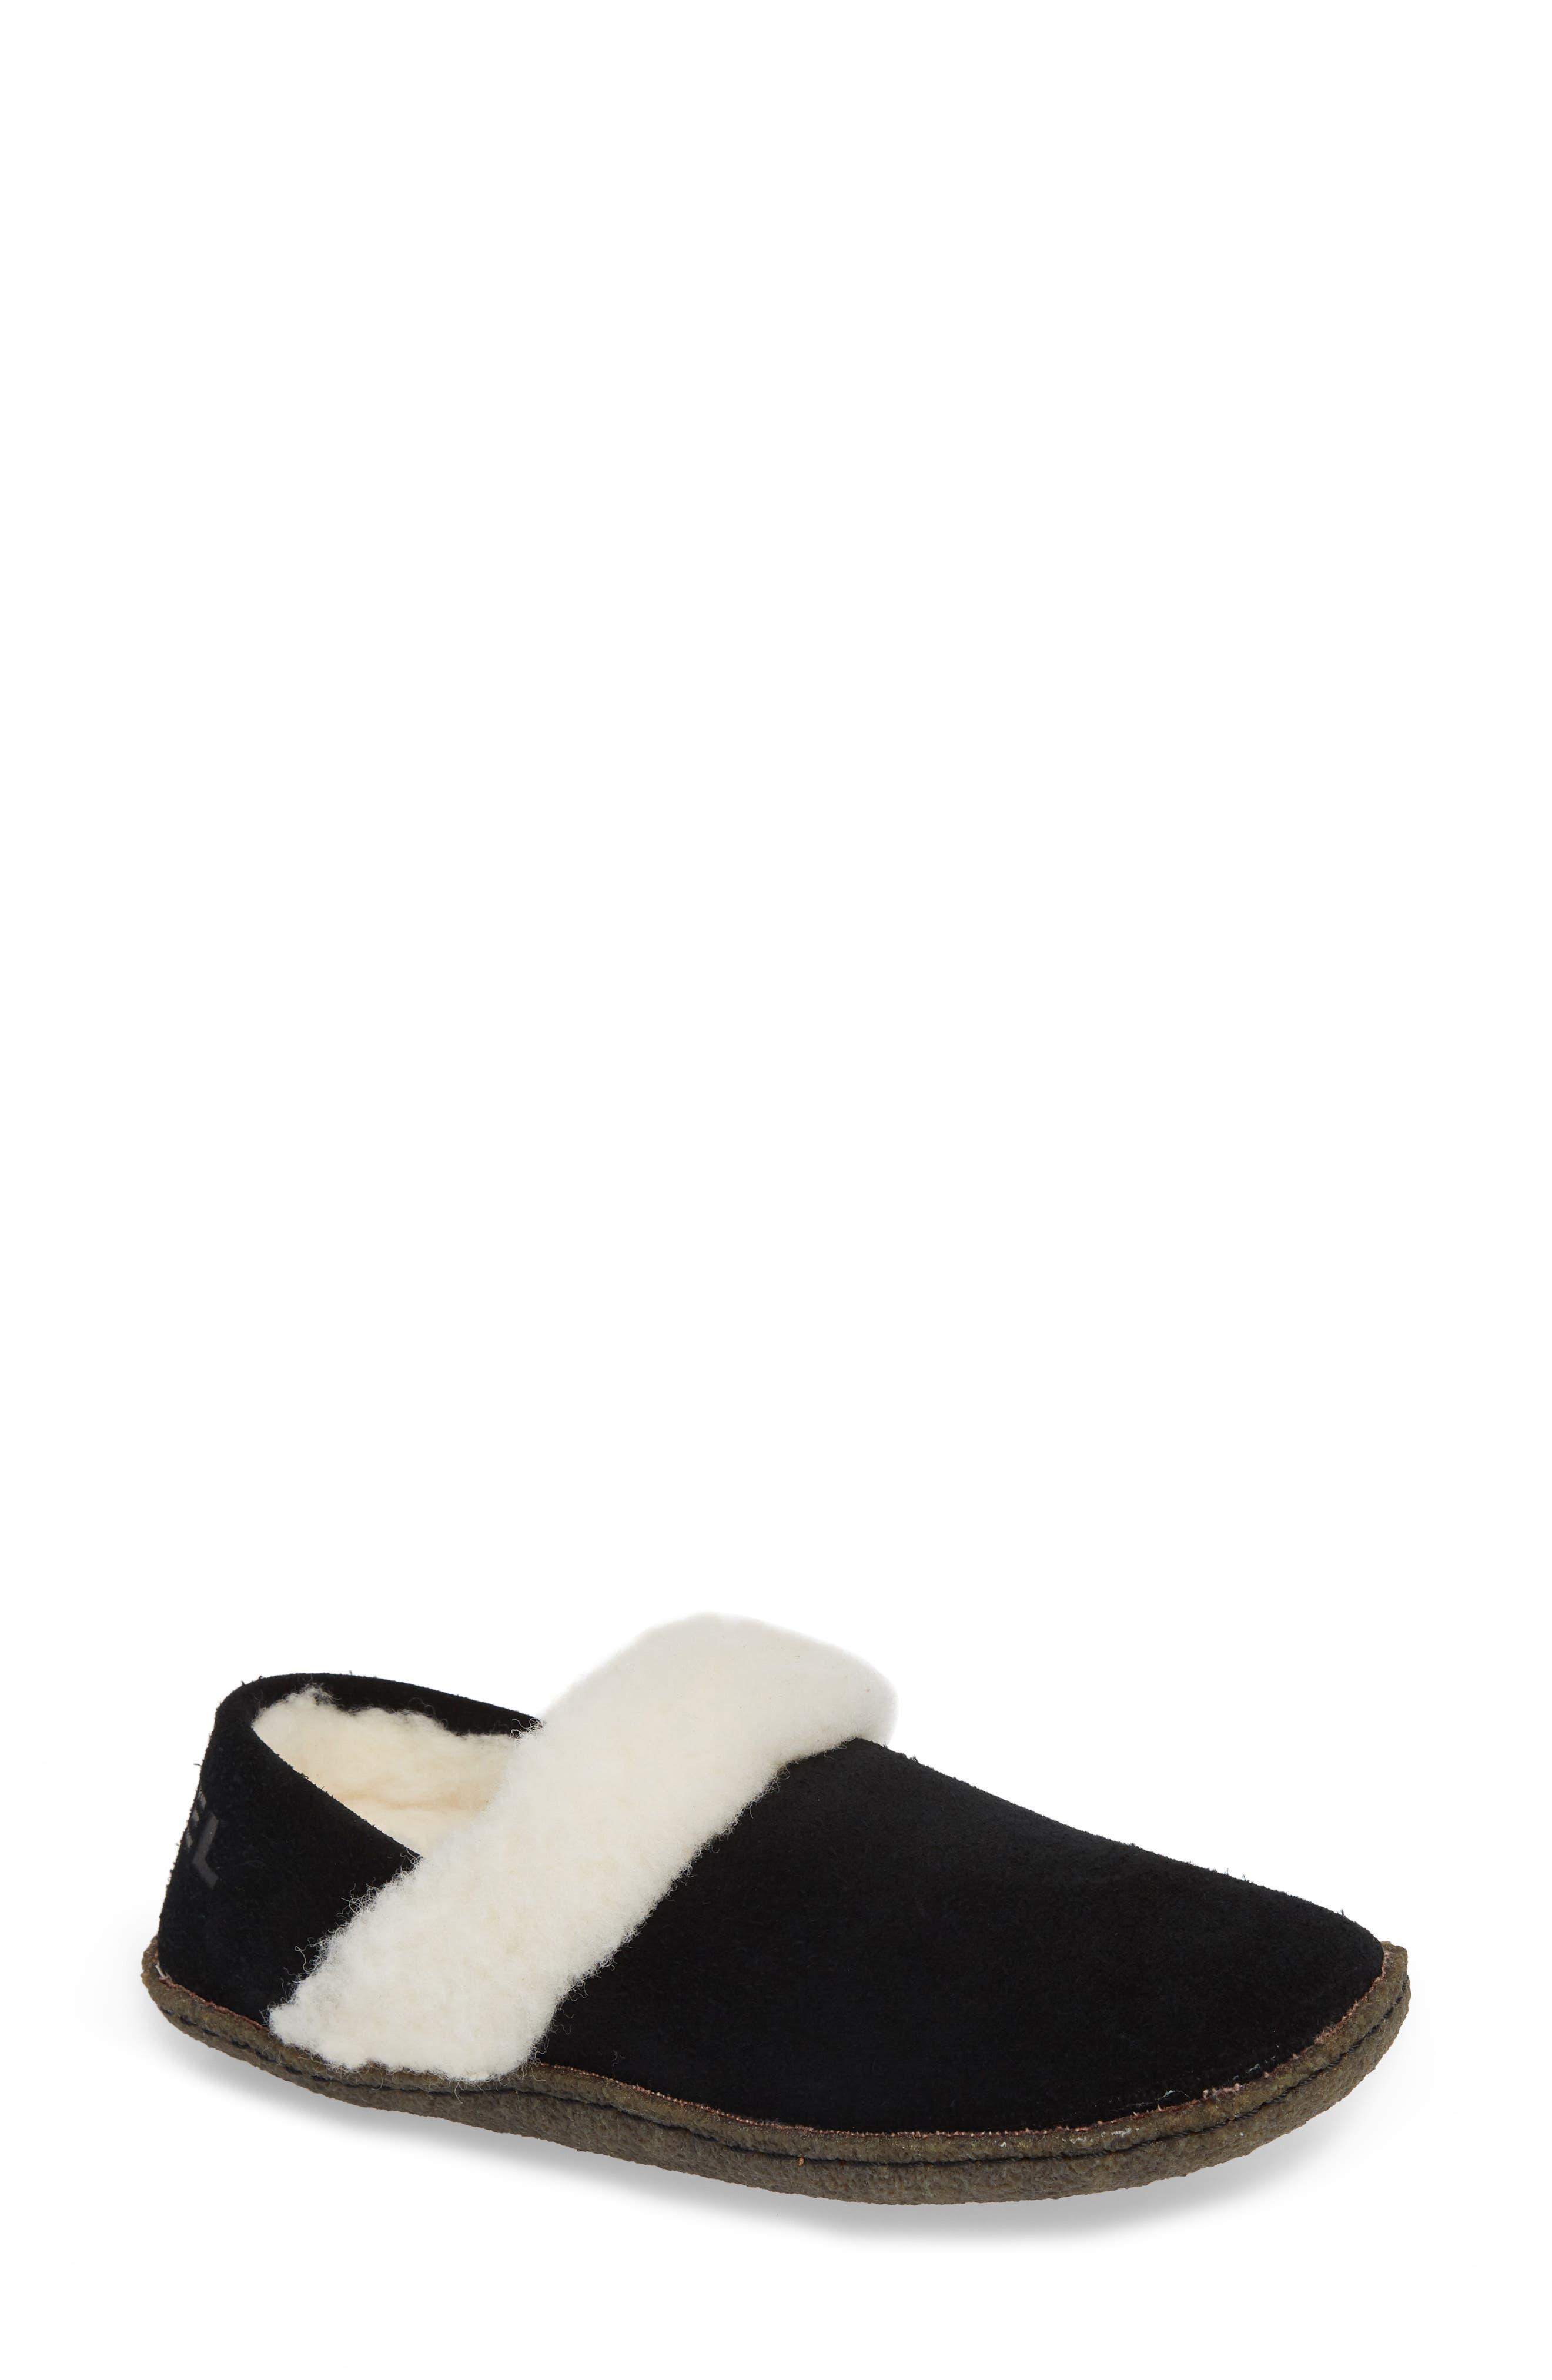 Nakiska II Faux Shearling Lined Slipper,                         Main,                         color, BLACK/ NATURAL